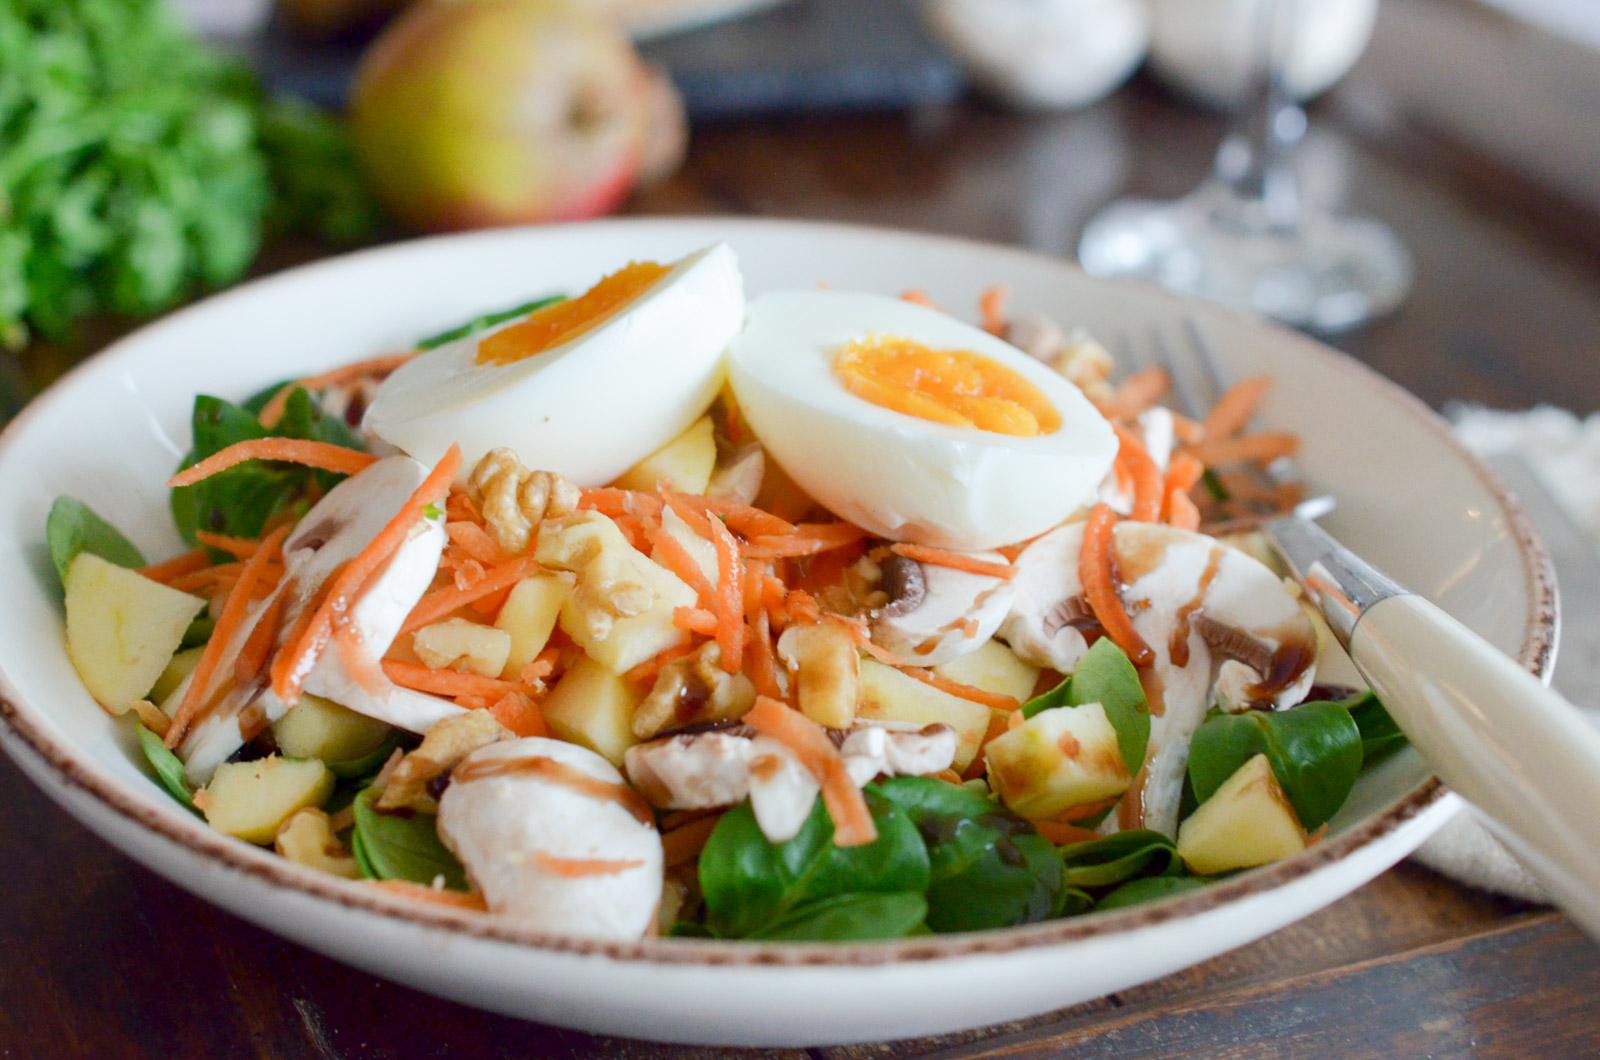 Salade Carottes Noix Champignons (4 Sur 6)